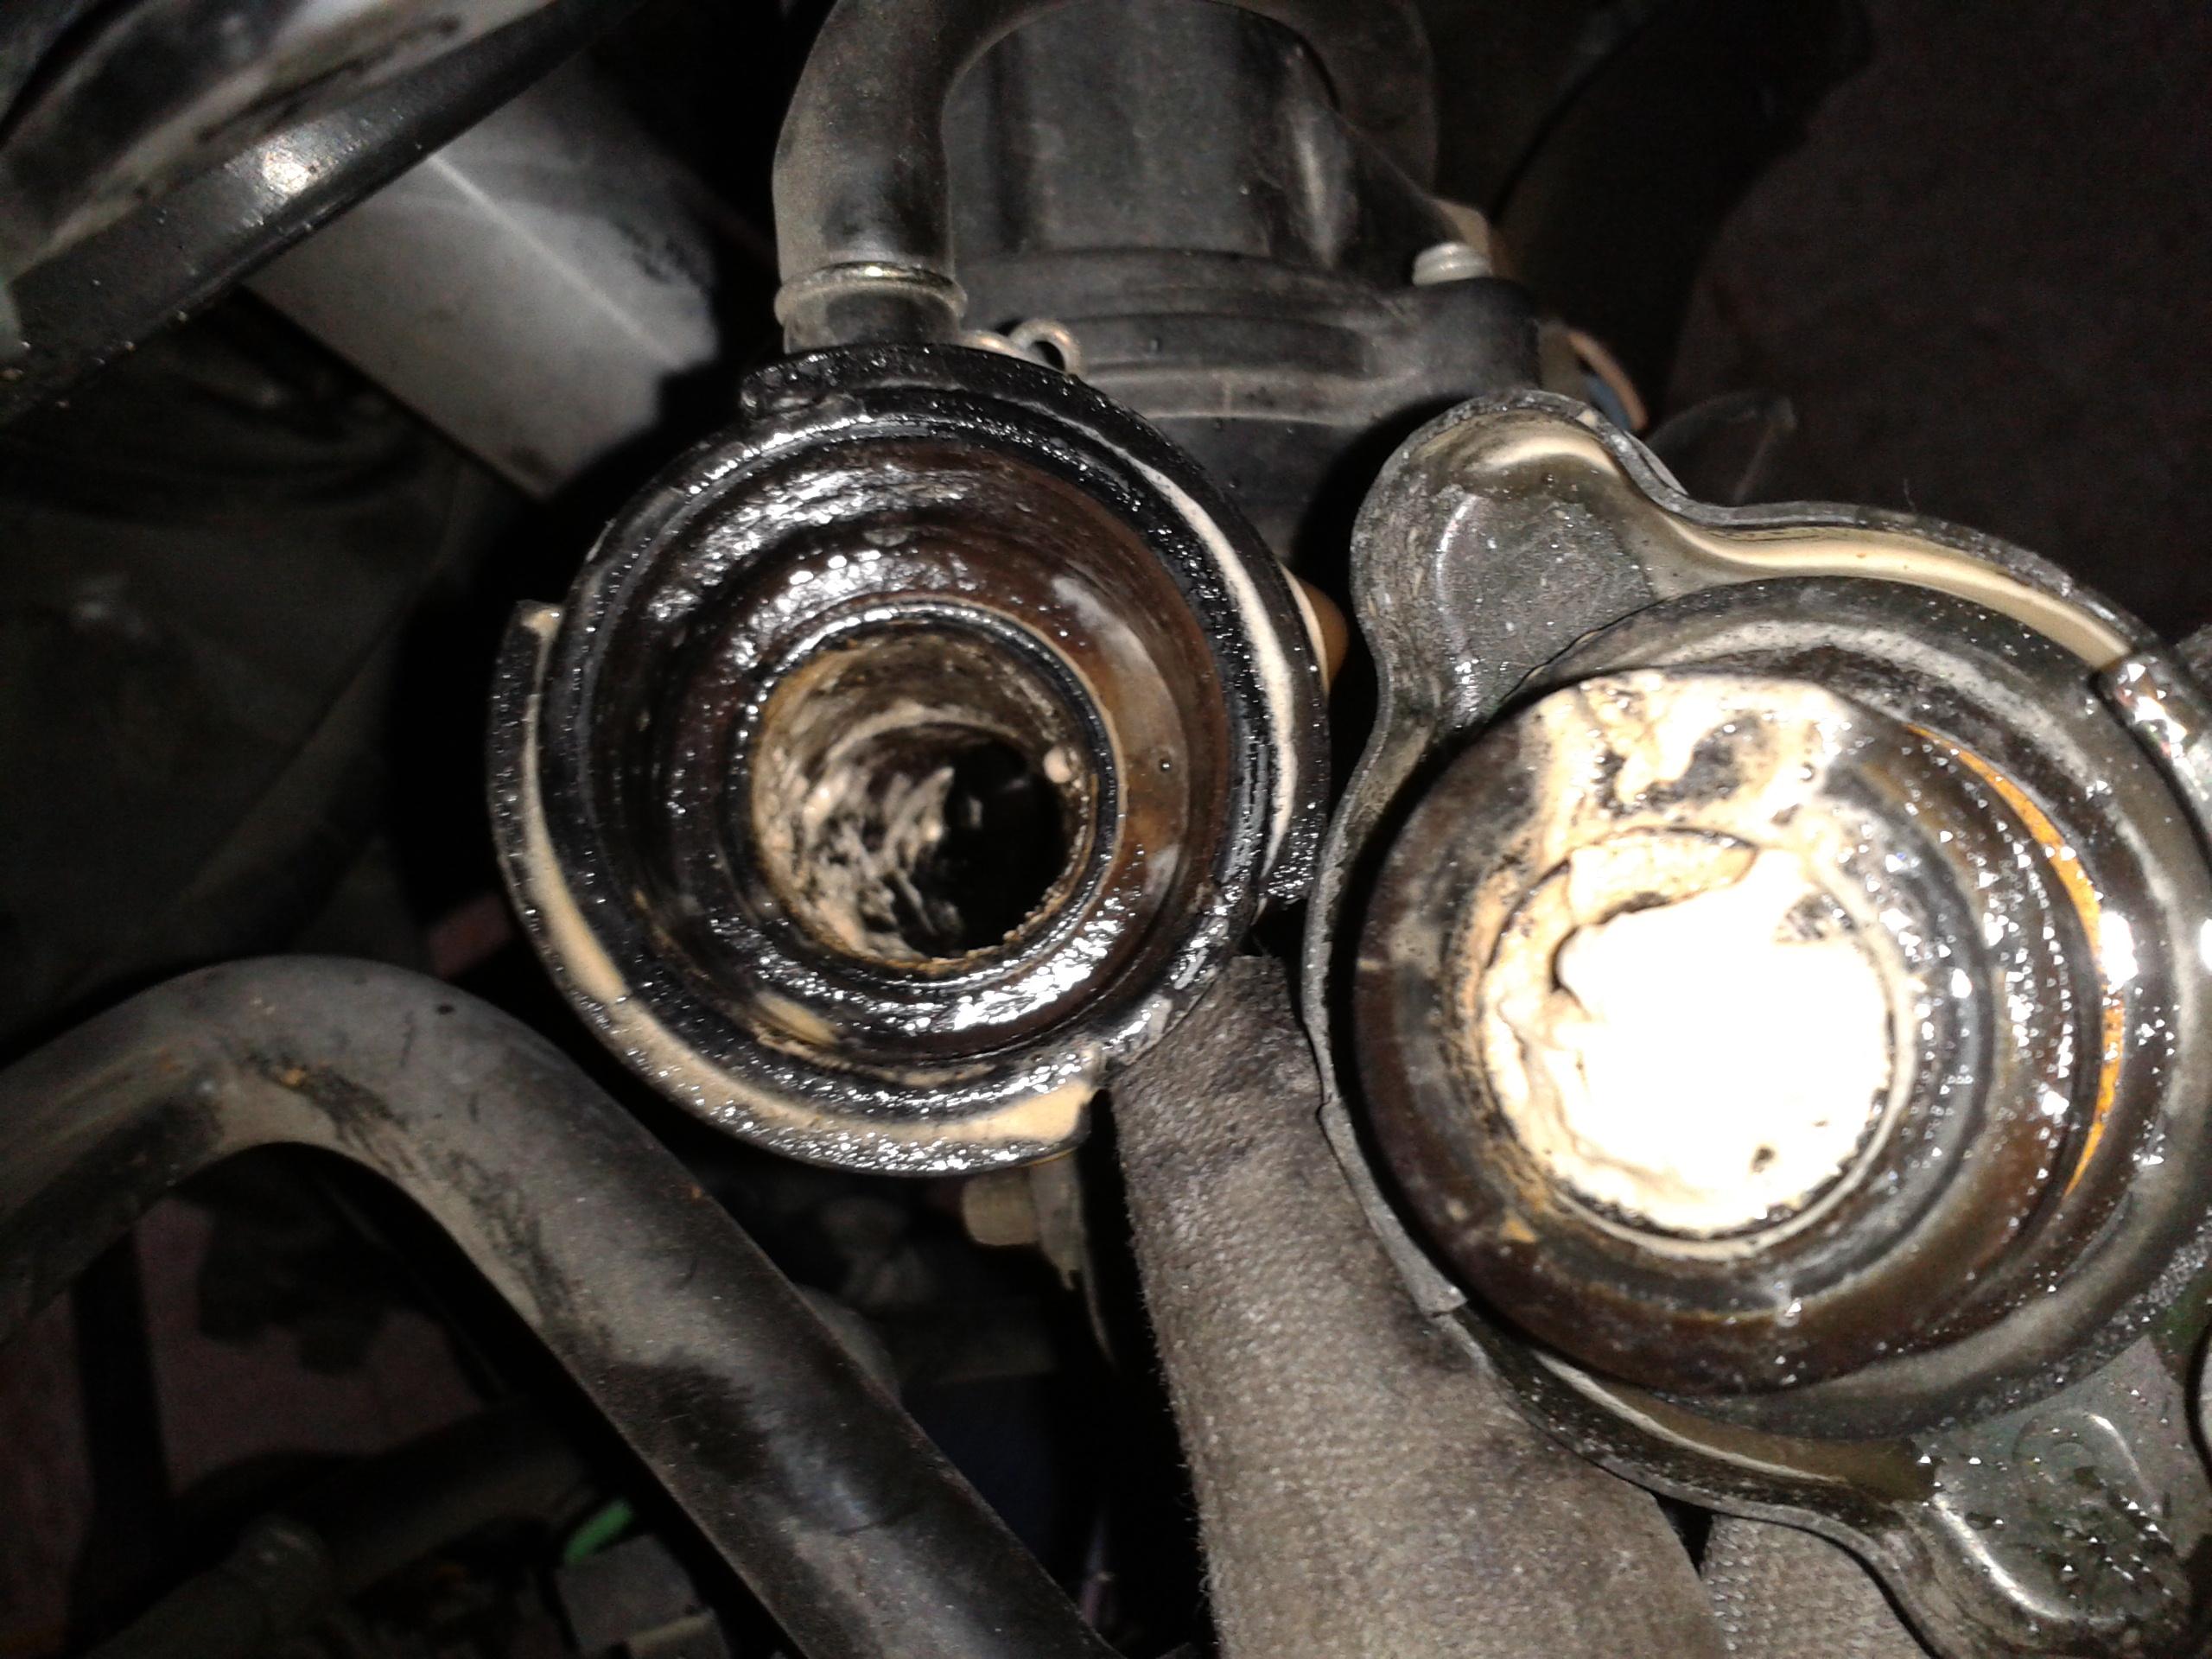 fumée blanche ,ralentit trop bas,regime moteur irregulier 79733420141013144108